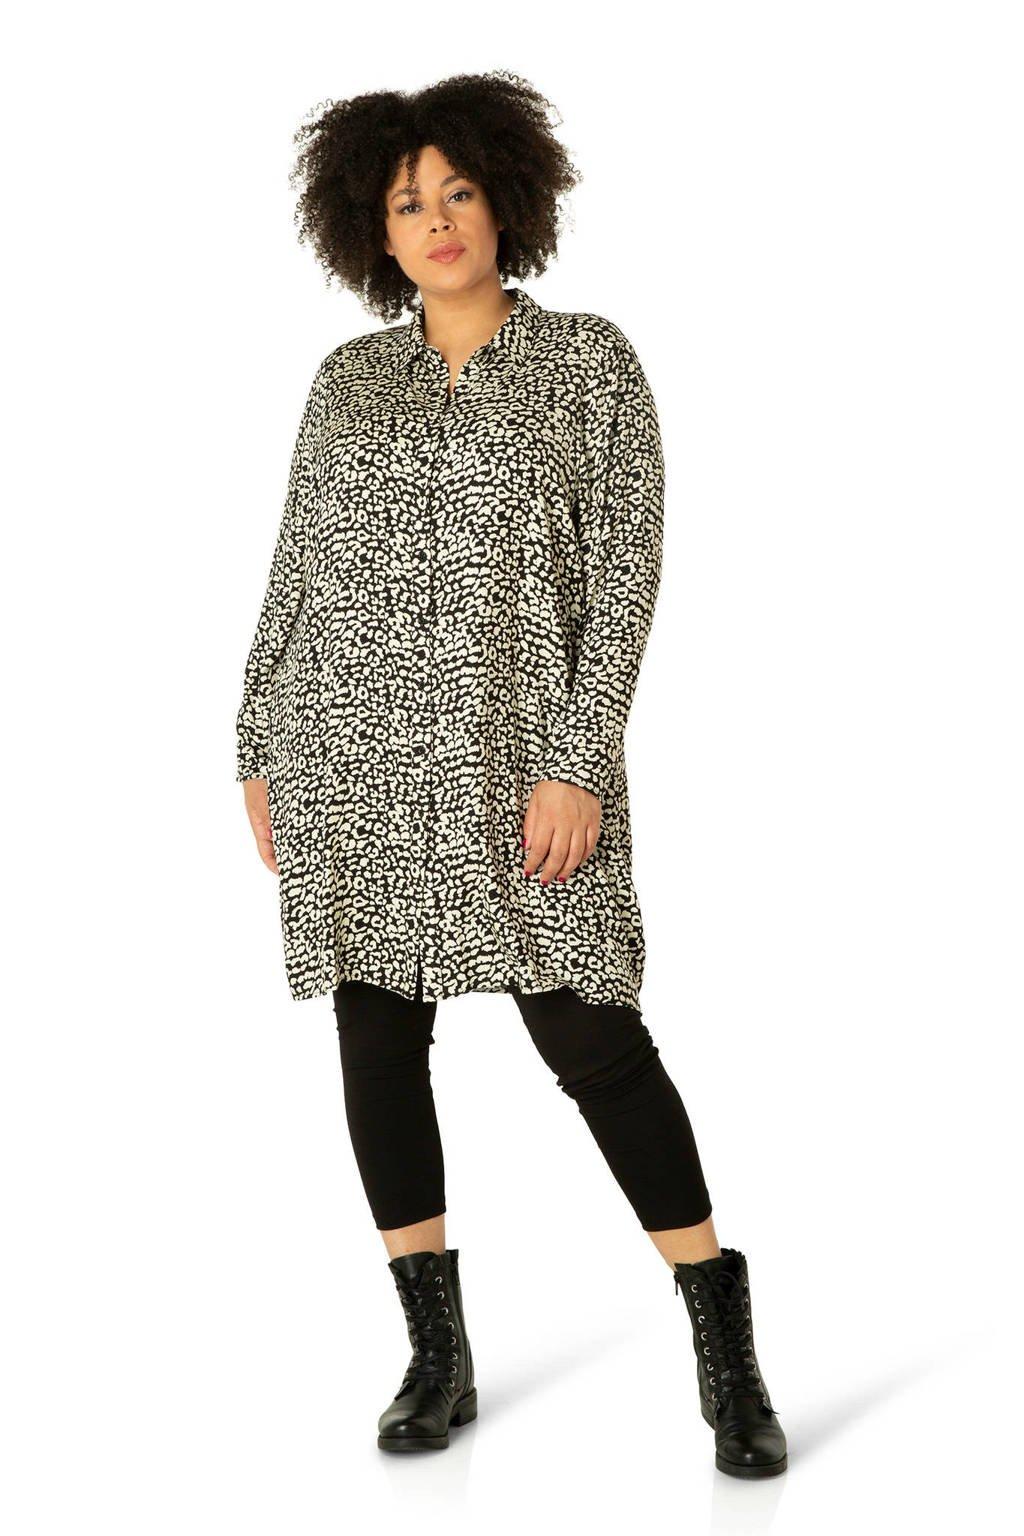 IVY BELLA blouse Zora met dierenprint zwart/ivoor, ivoor/zwart